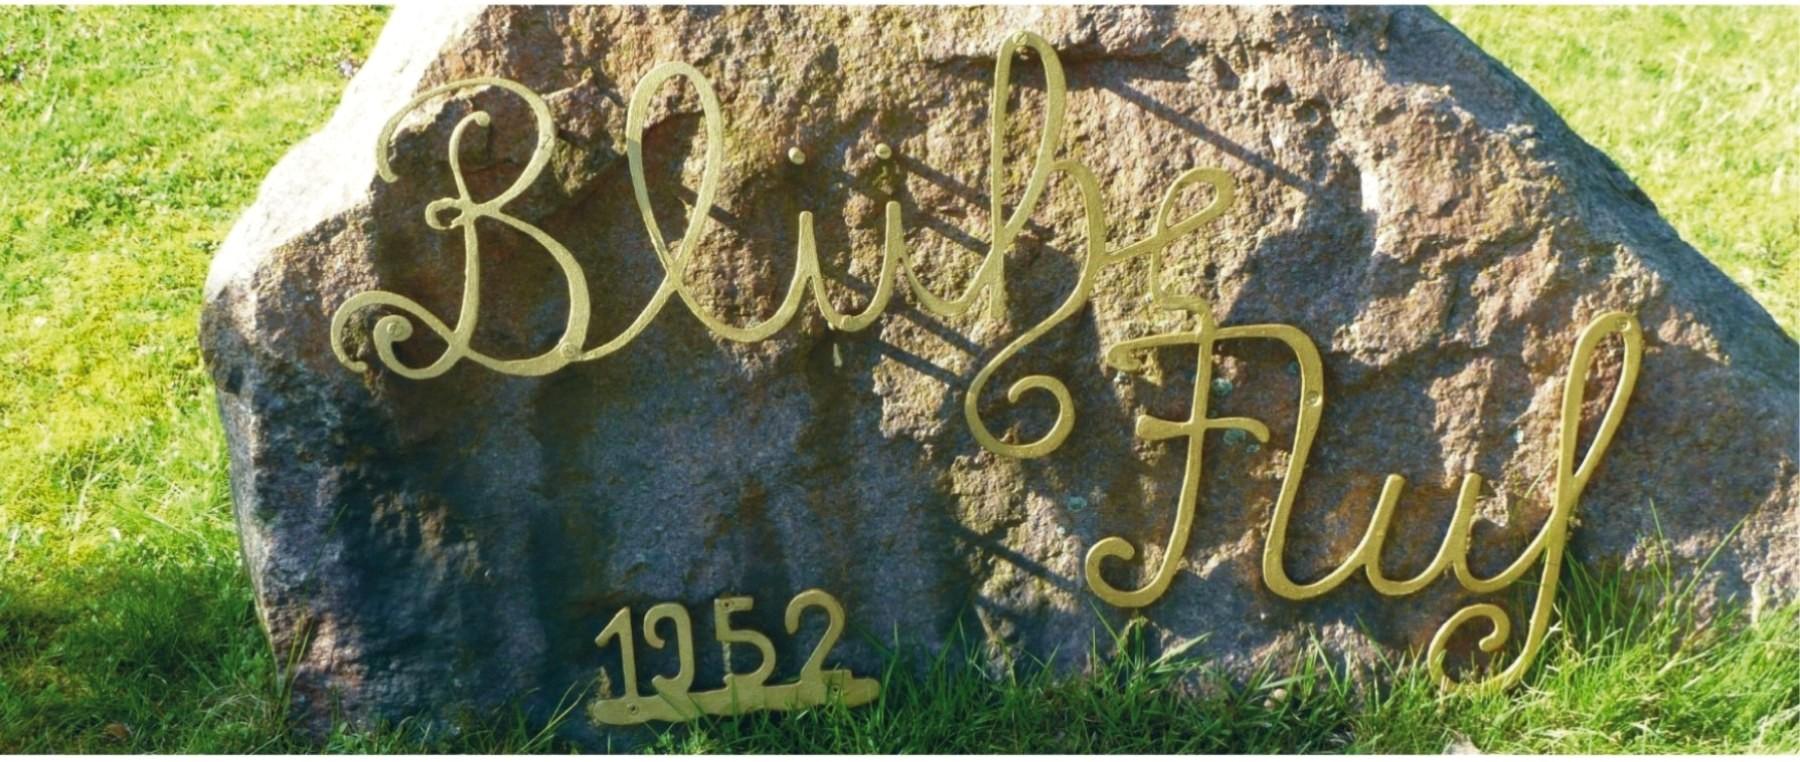 Kleingärtnerverein Blühe auf e.V. Salzgitter